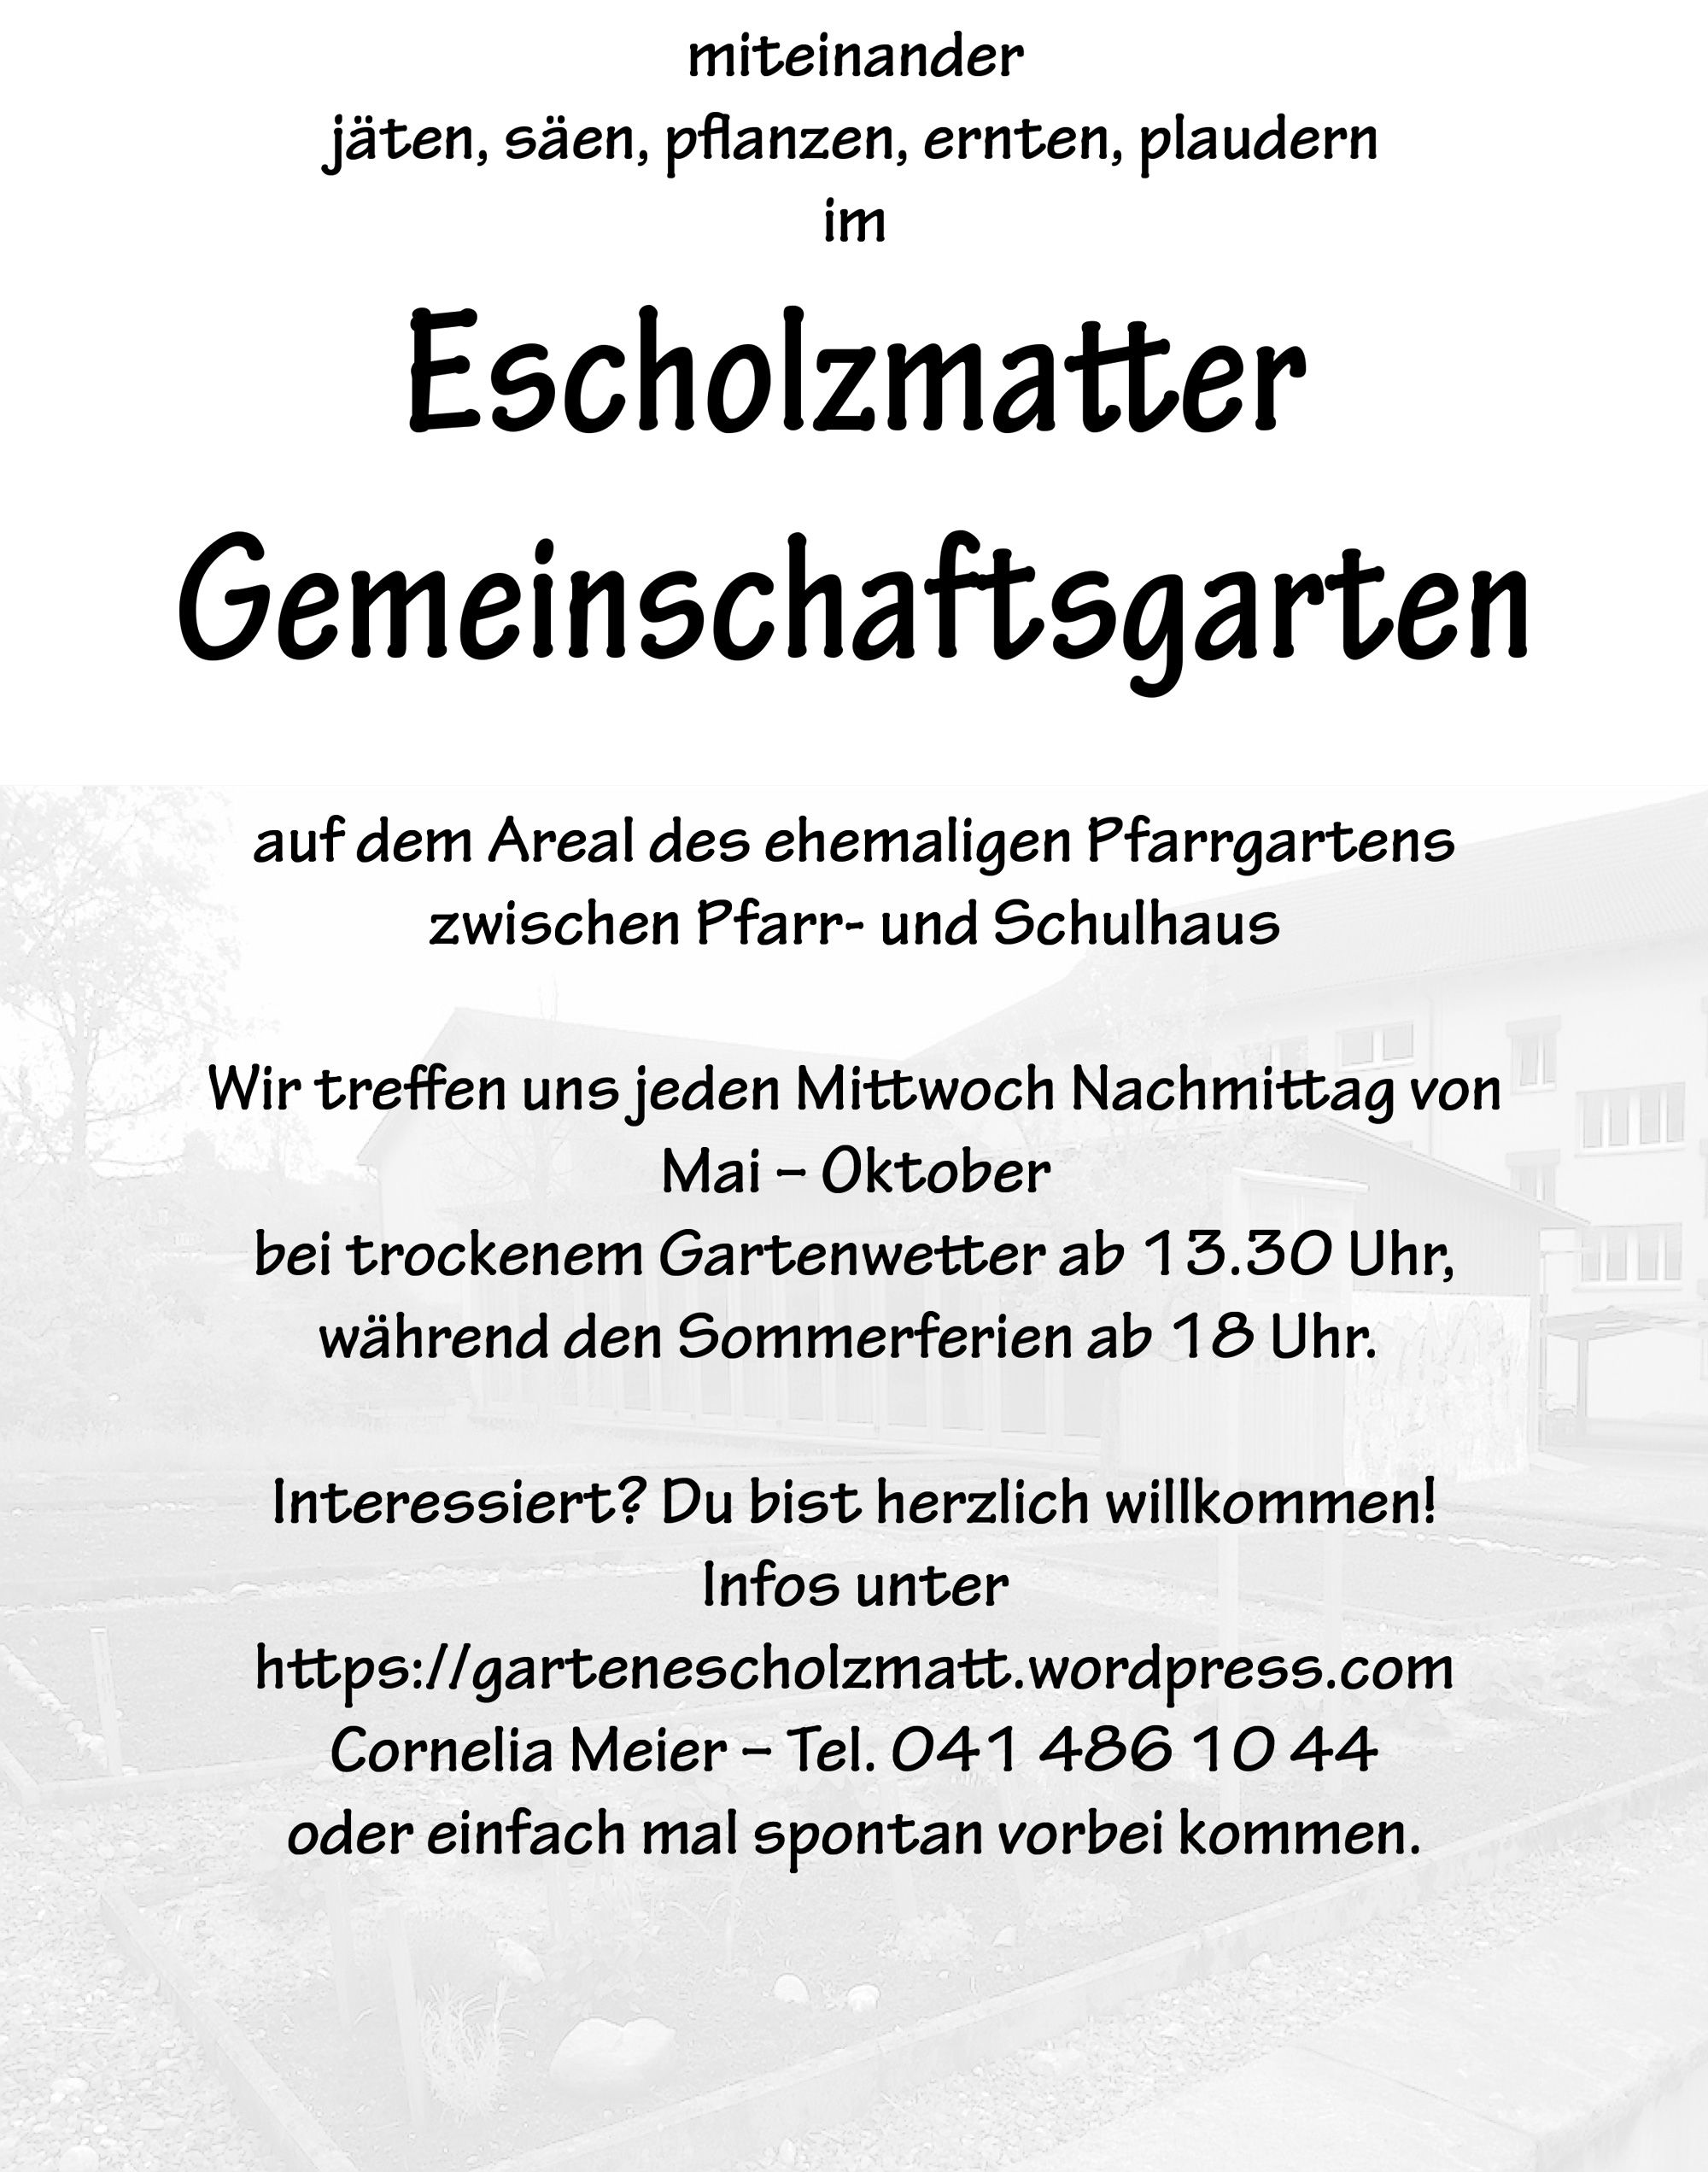 50 Jahre Genossenschaft fr Wohnungsbau Escholzmatt (GWE)